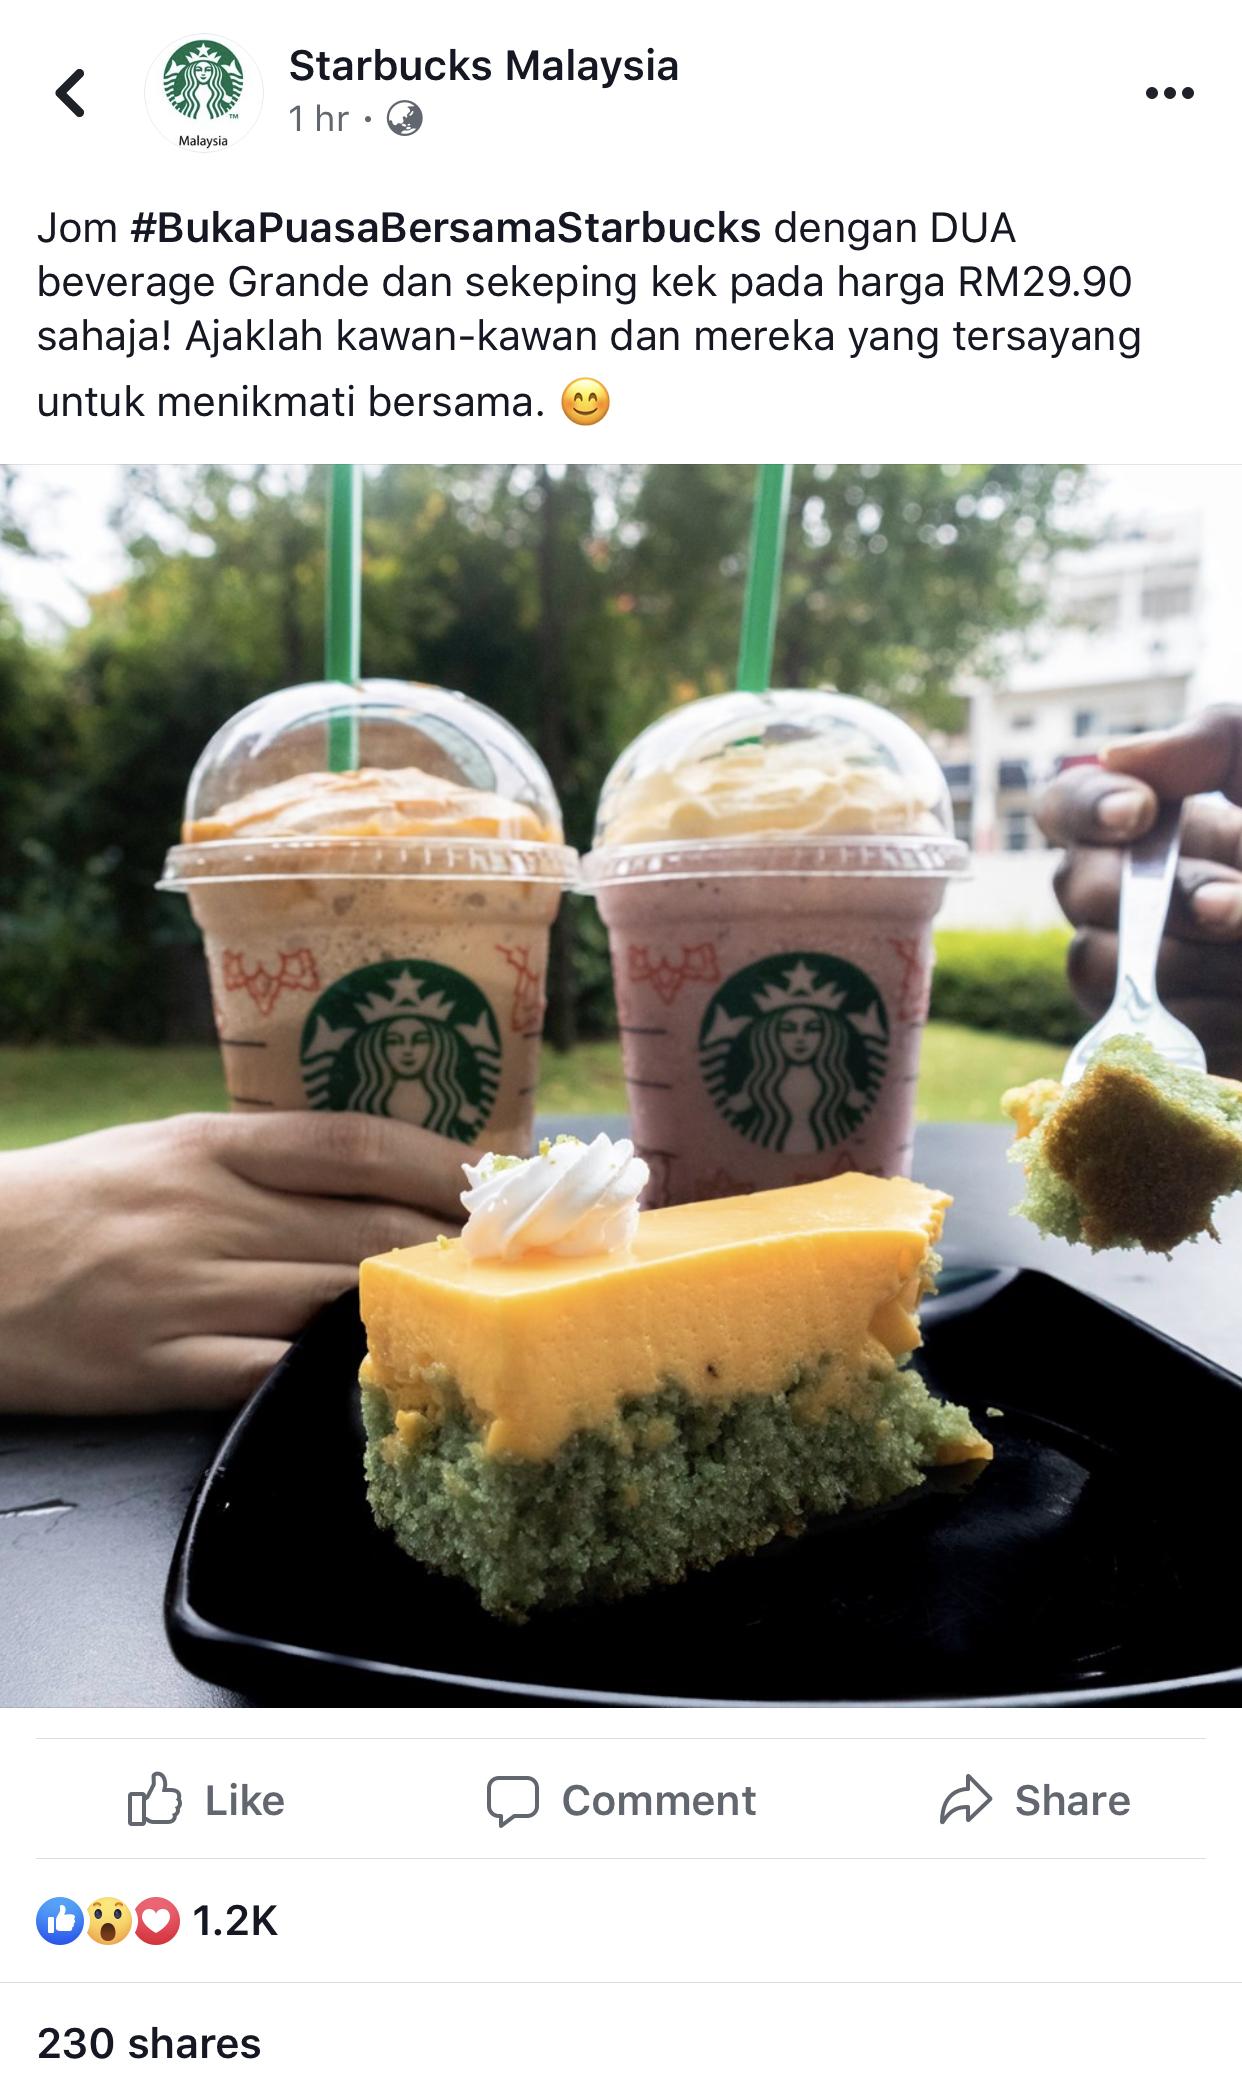 Starbucks Ramadan Promotion 2 Grande Beverages + 1 Cake At